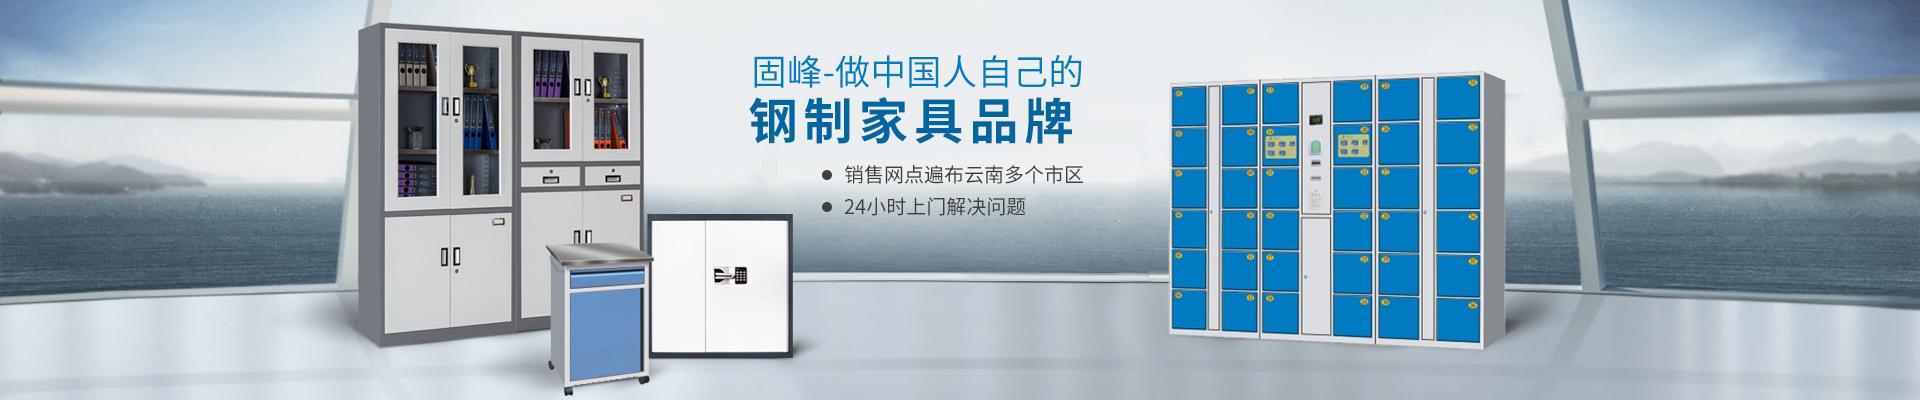 固峰-5000+客户的口碑认证